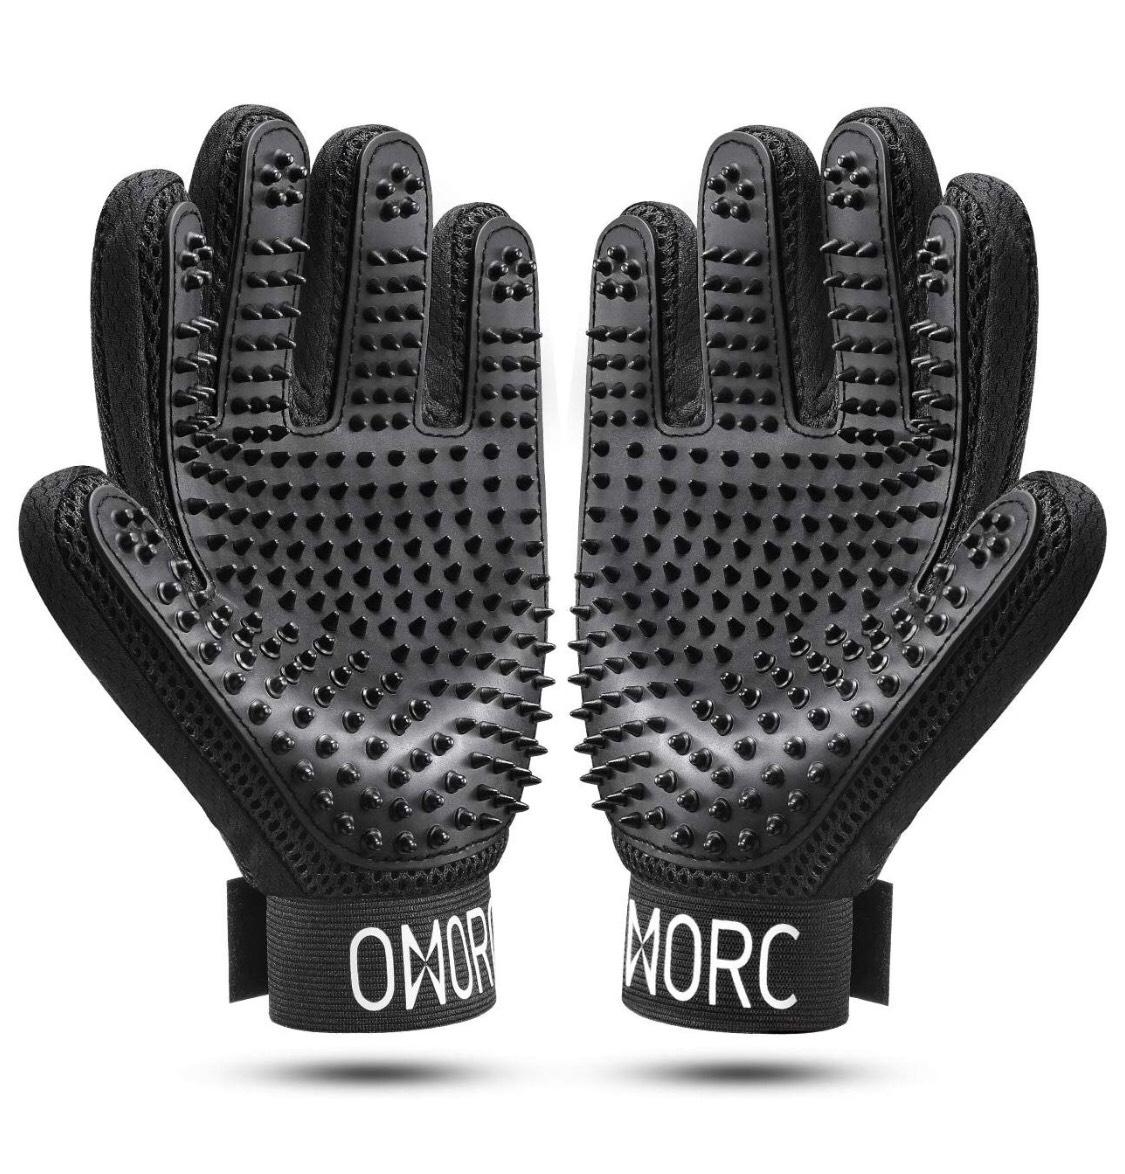 Paire de gants de toilette pour chien & chat Omorc - Noir (Vendeur tiers)